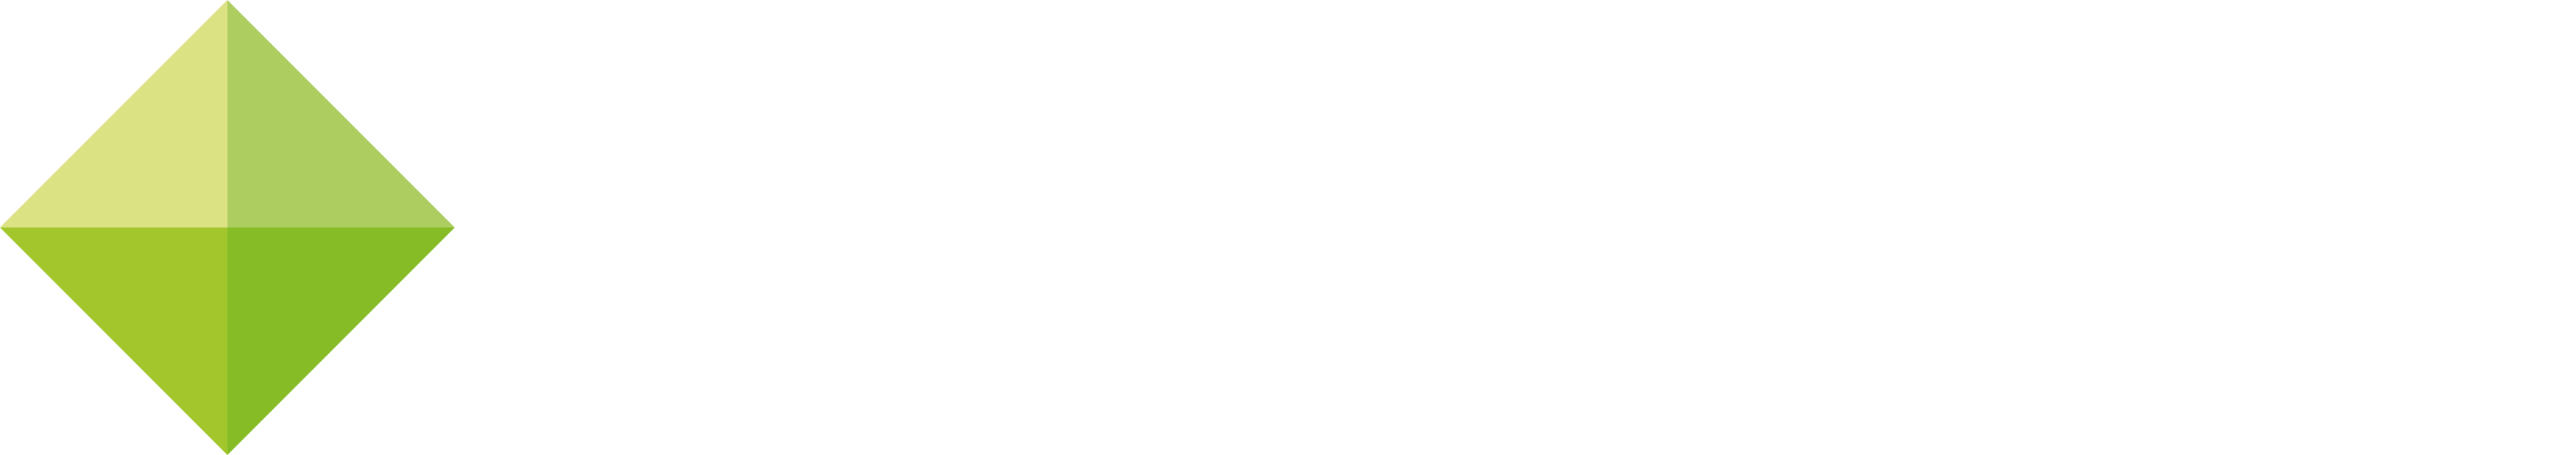 megapix logo 8 - Megapix Logo